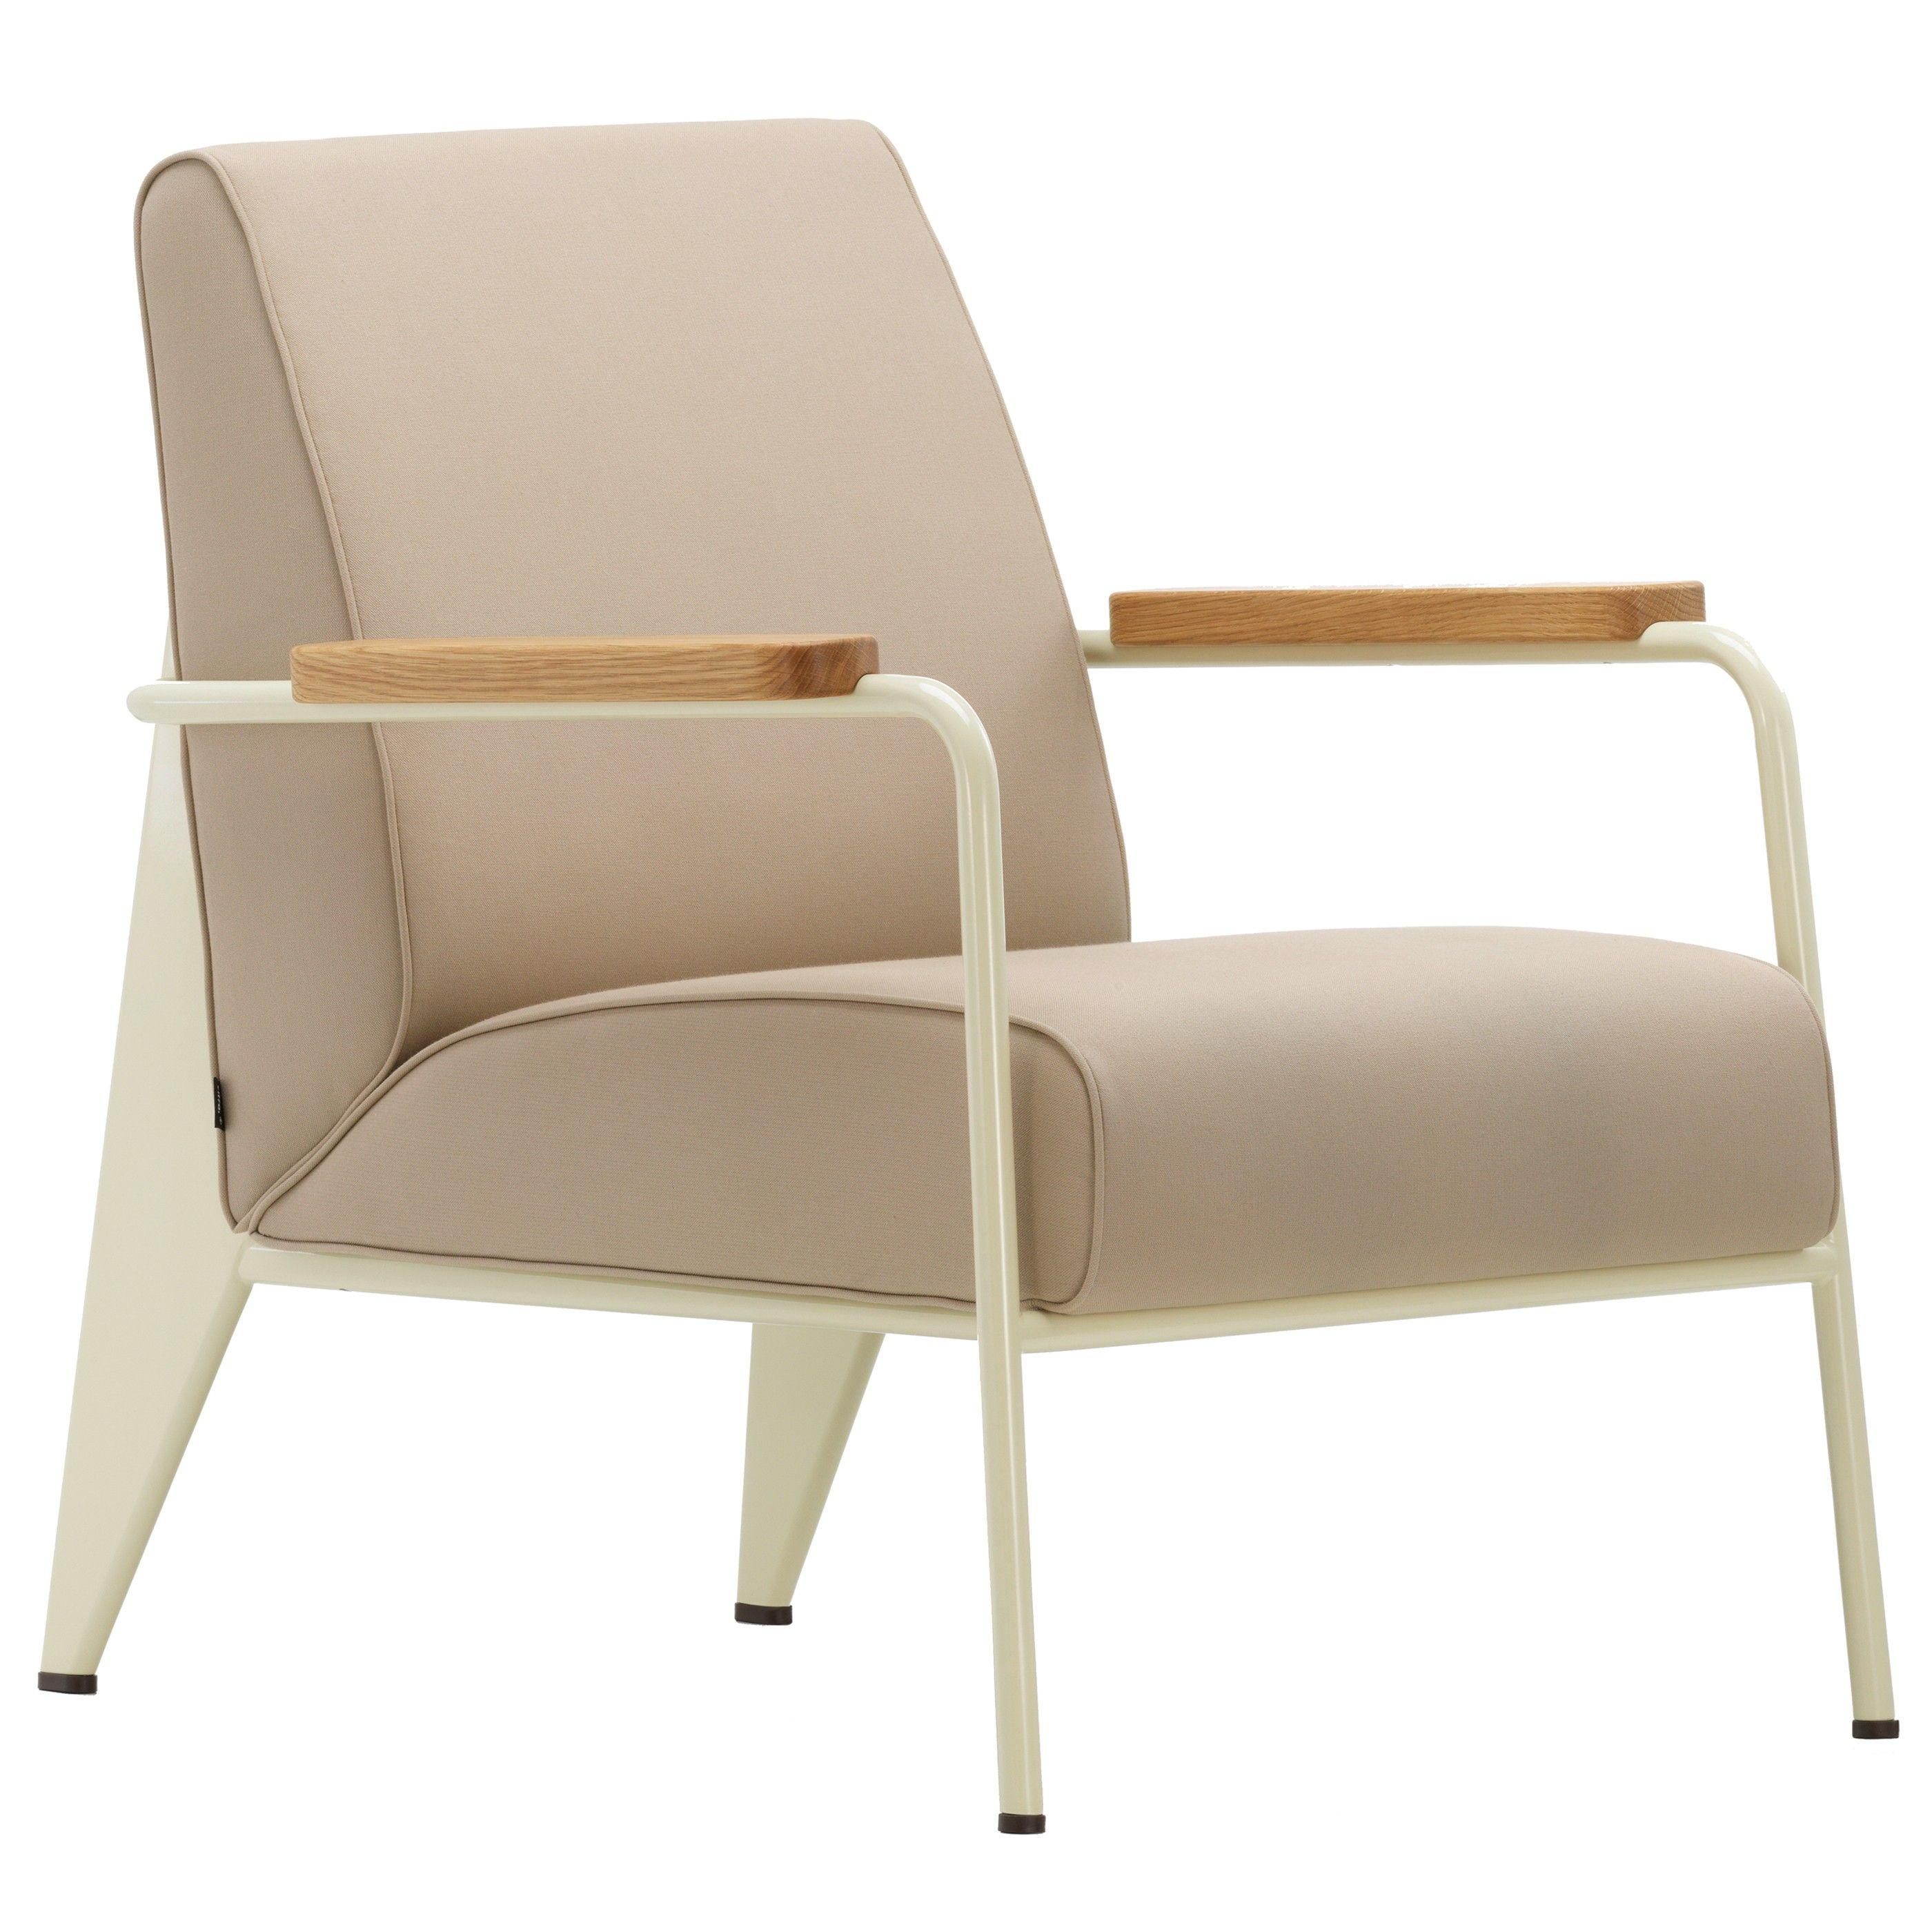 Vitra fauteuil de salon fauteuil flinders verzendt gratis for Fauteuil ergonomique de salon